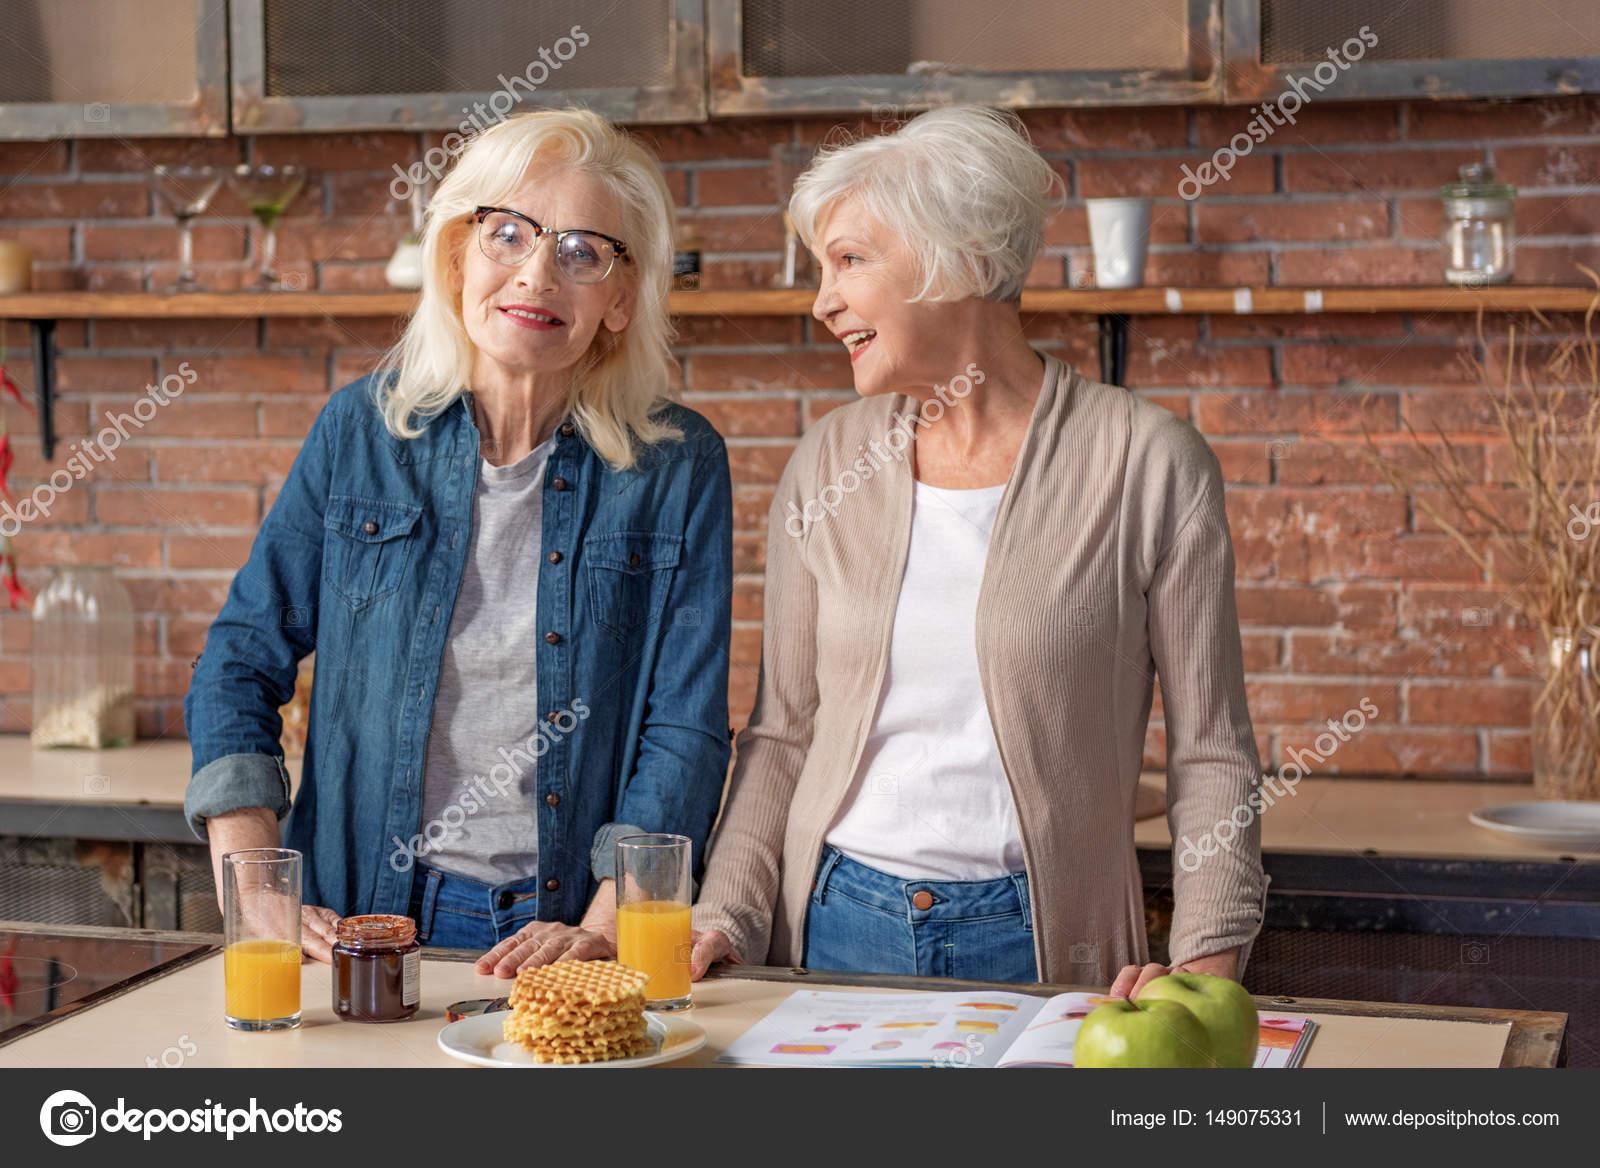 Fotos Señoras Cocinando Carefree Jubilados Mujer Cocinando En La